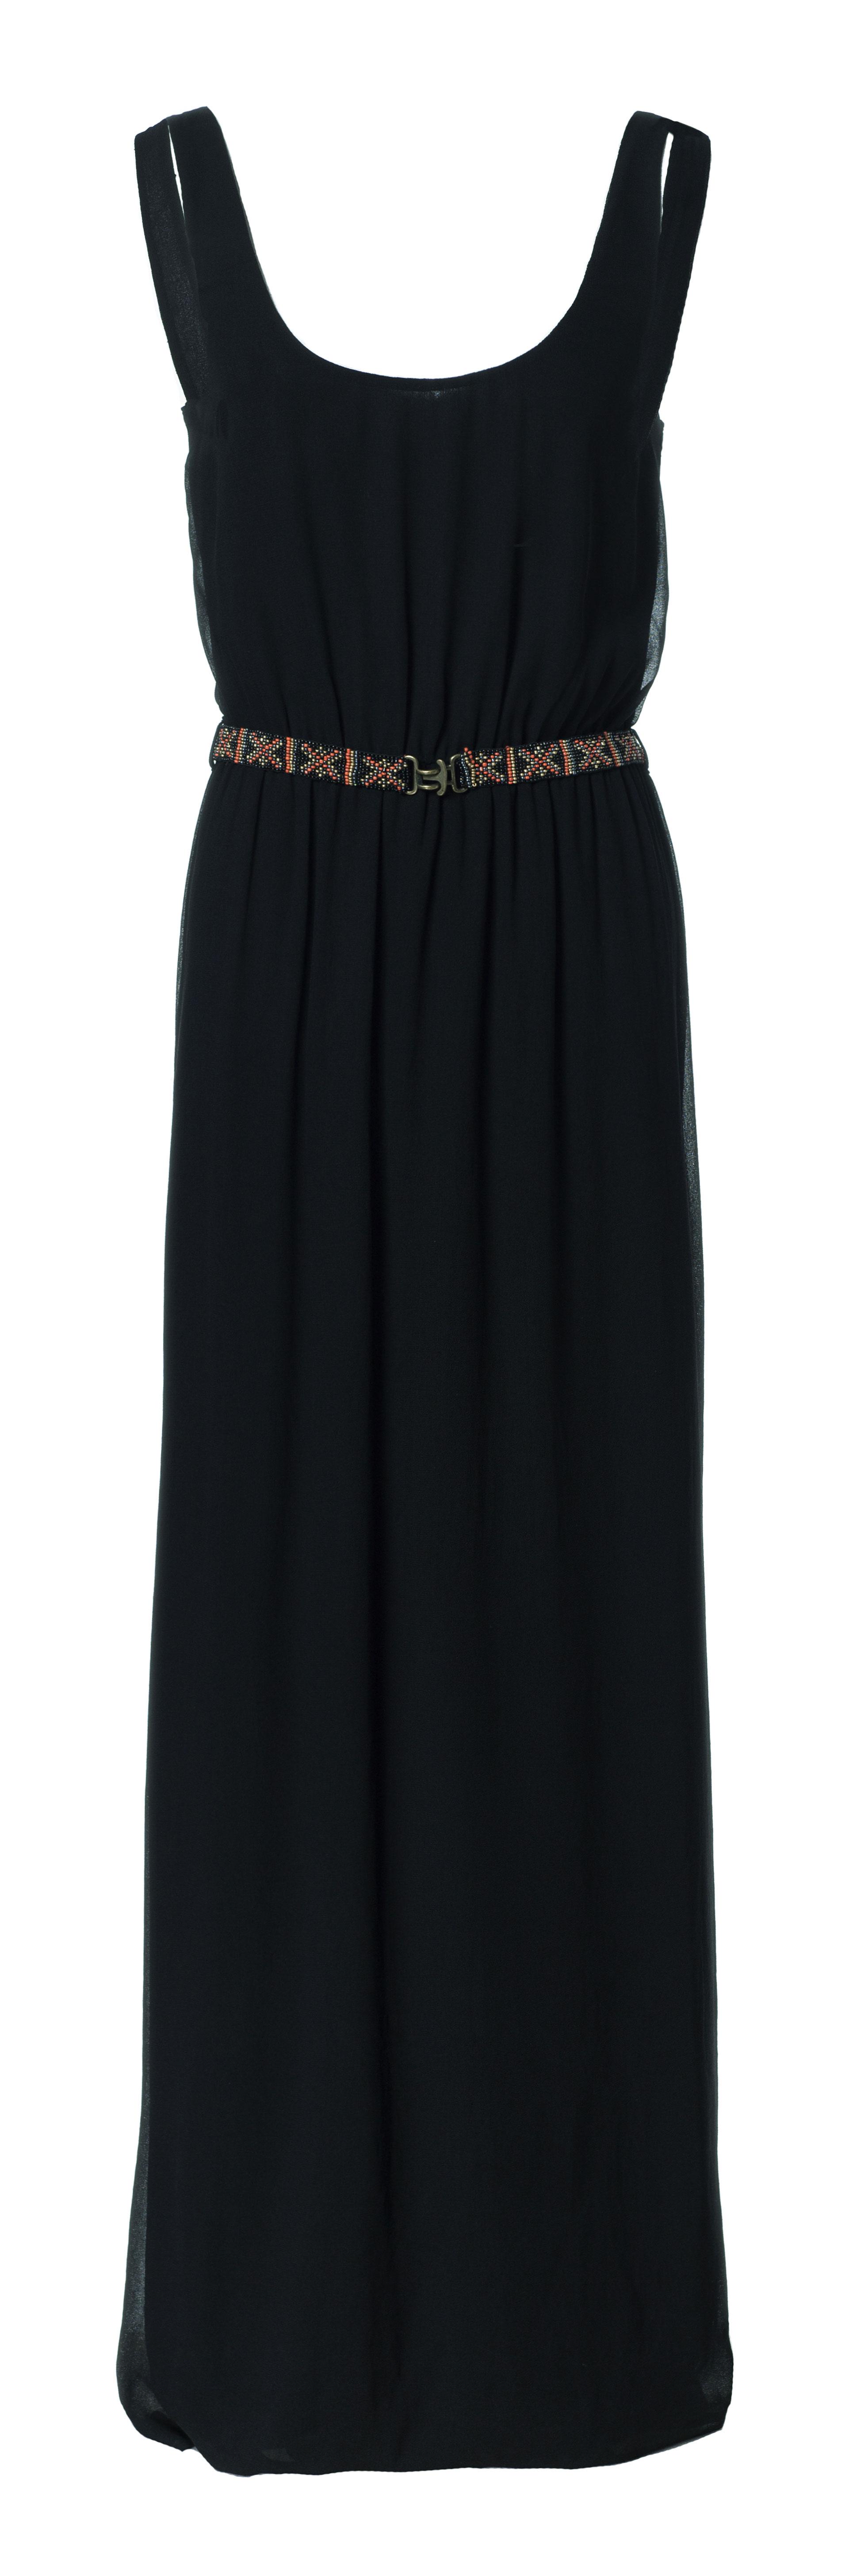 zara dress with beaded belt in black lyst